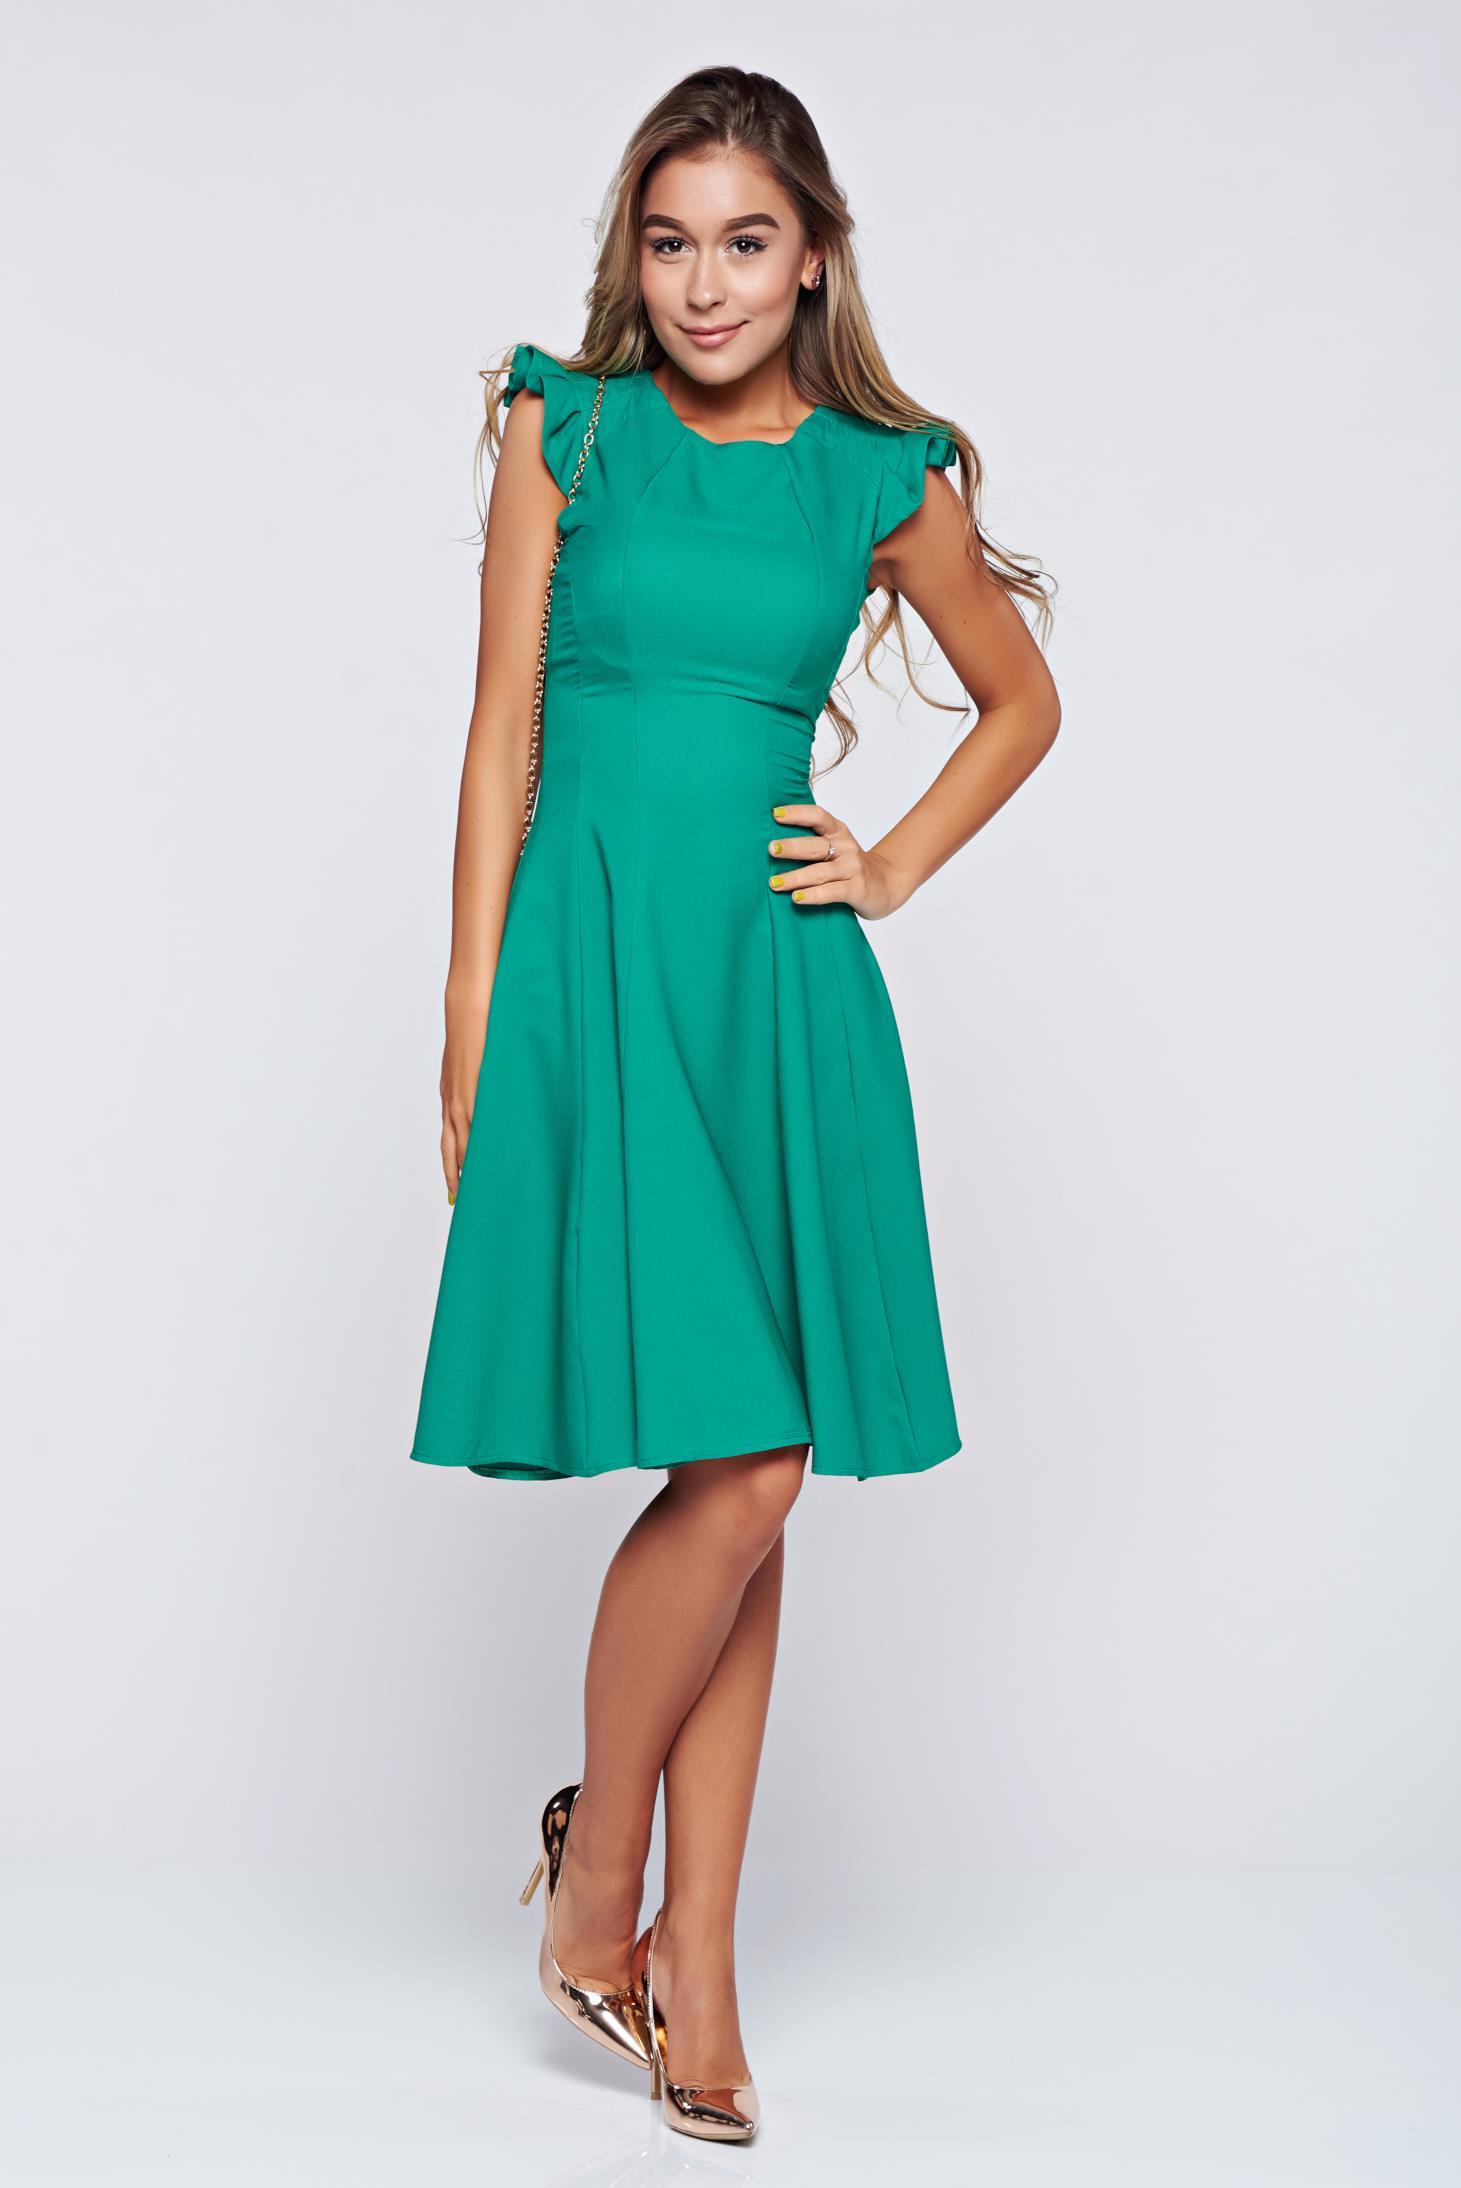 Rochie Fofy verde eleganta in clos din stofa elastica subtire cu volanase la maneca